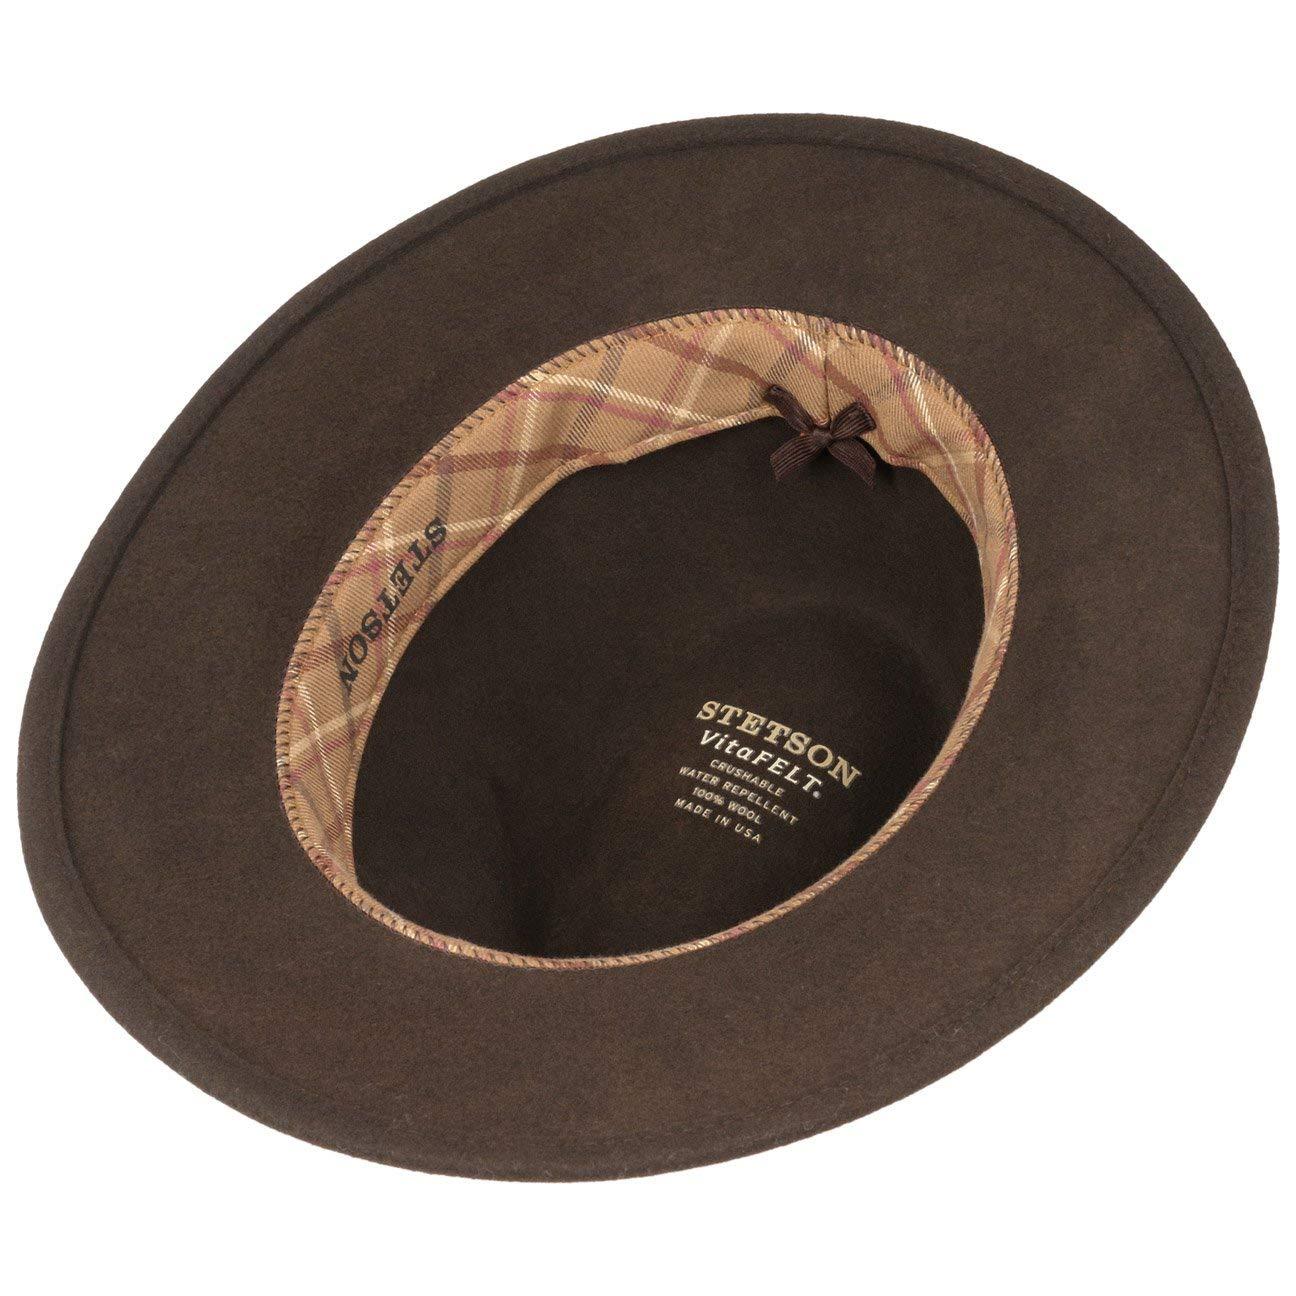 Stetson Sombrero Leather Trim VitaFelt Hombre  e70c3e3bdfc8